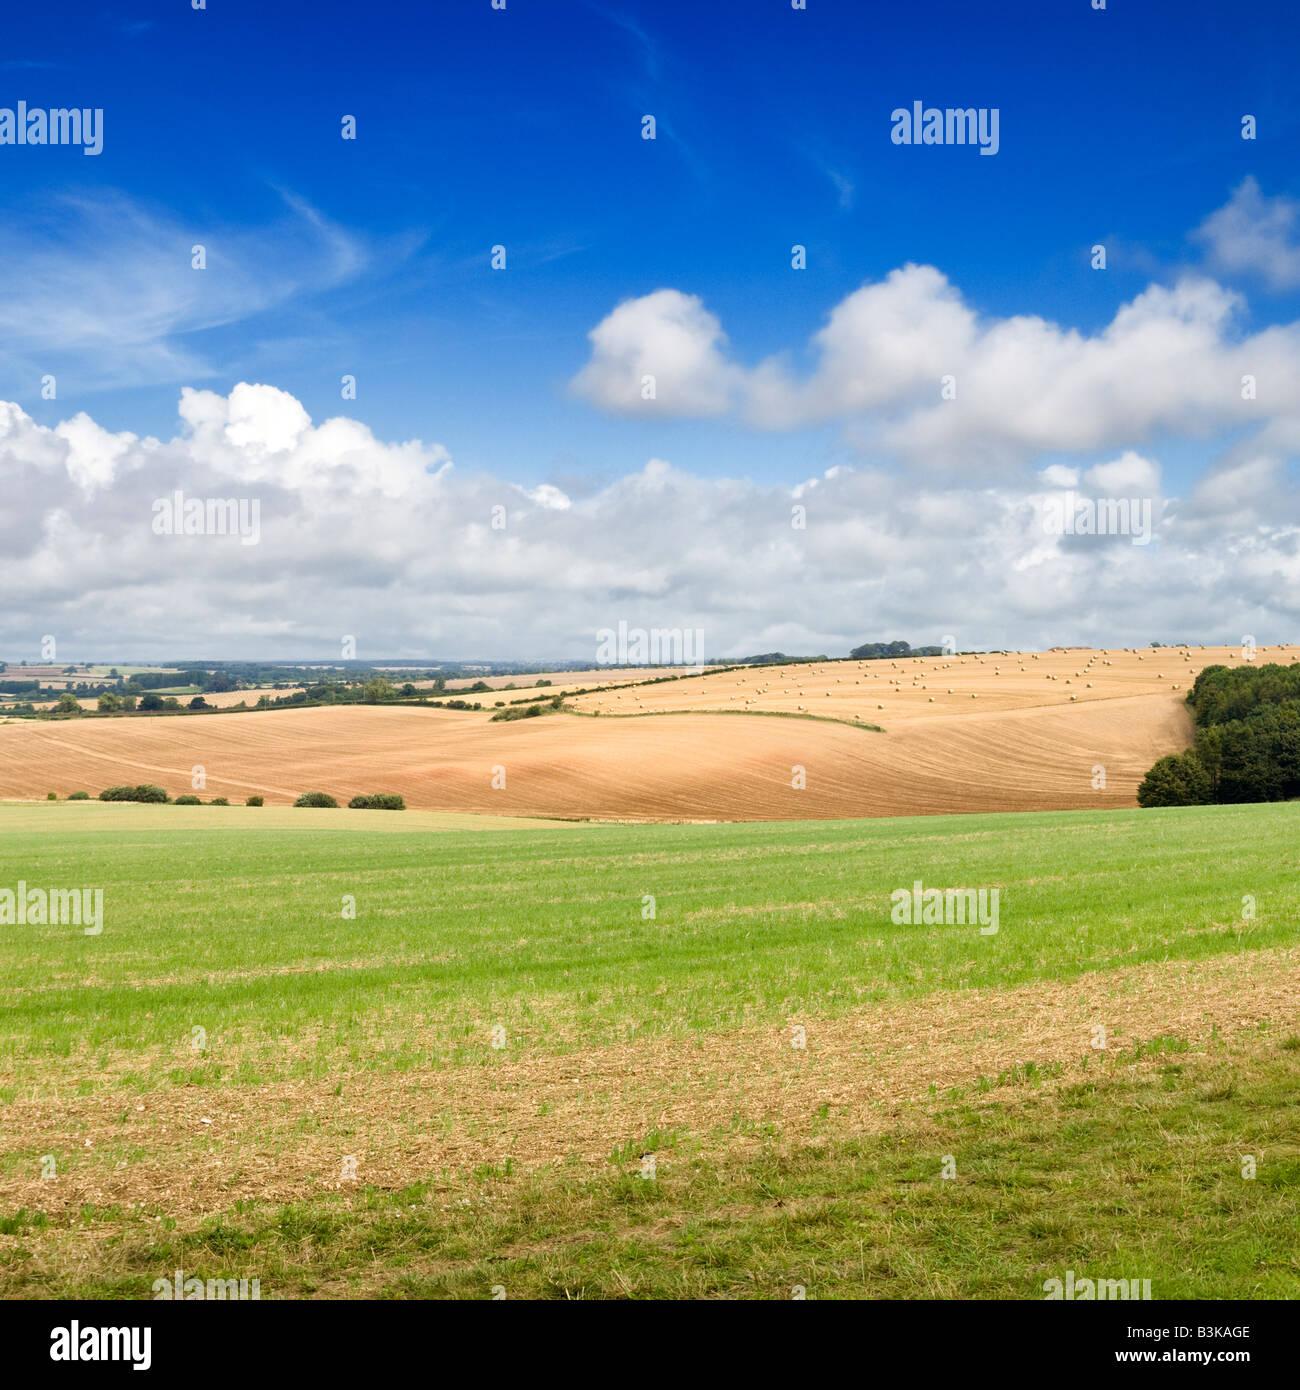 Inglese paesaggio di campagna del Lincolnshire Wolds, Inghilterra. Regno Unito Immagini Stock